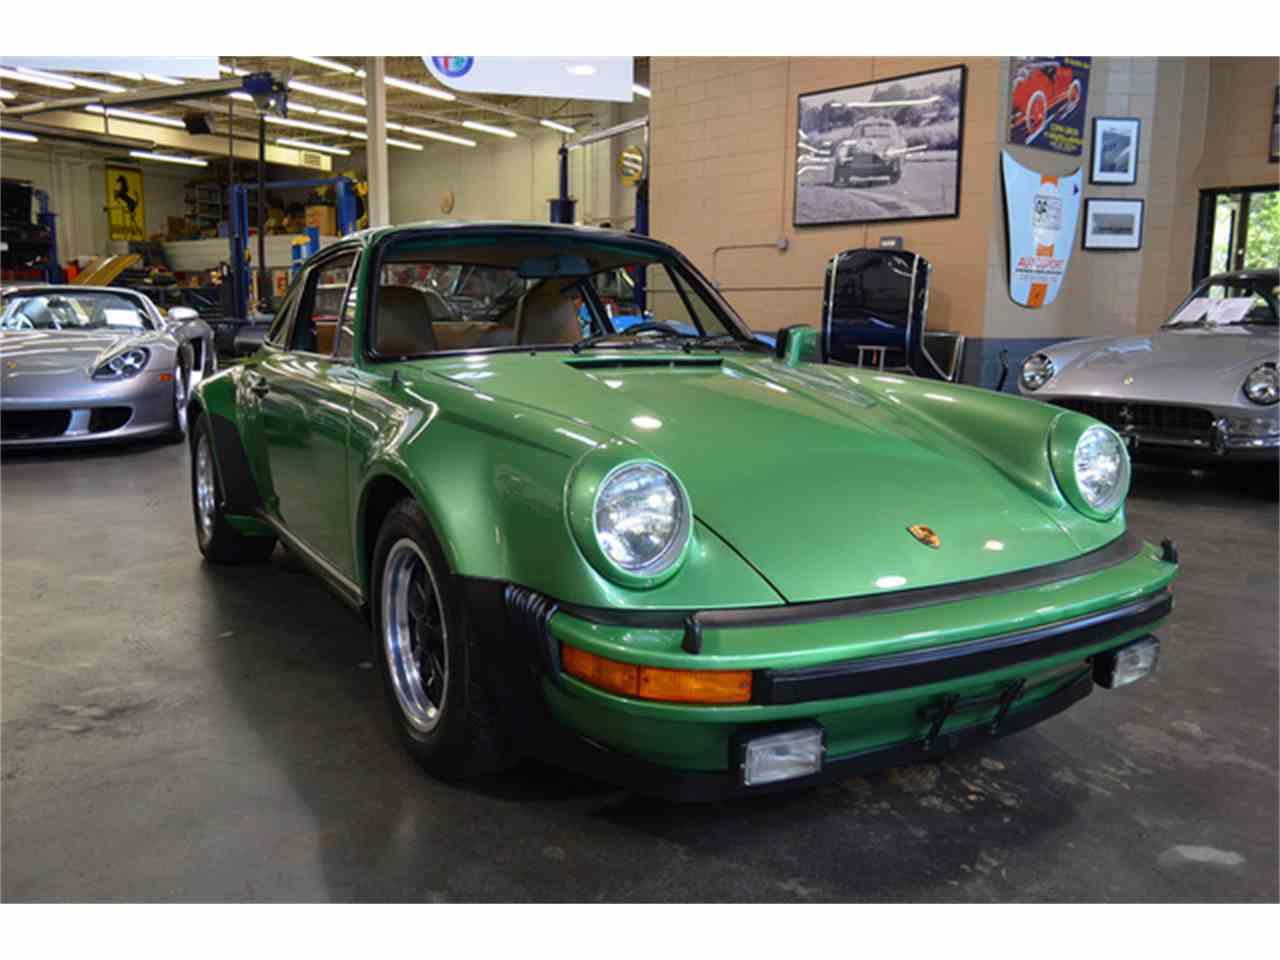 1976 Porsche 911 930 For Sale: 1976 Porsche 911 Carrera Turbo For Sale